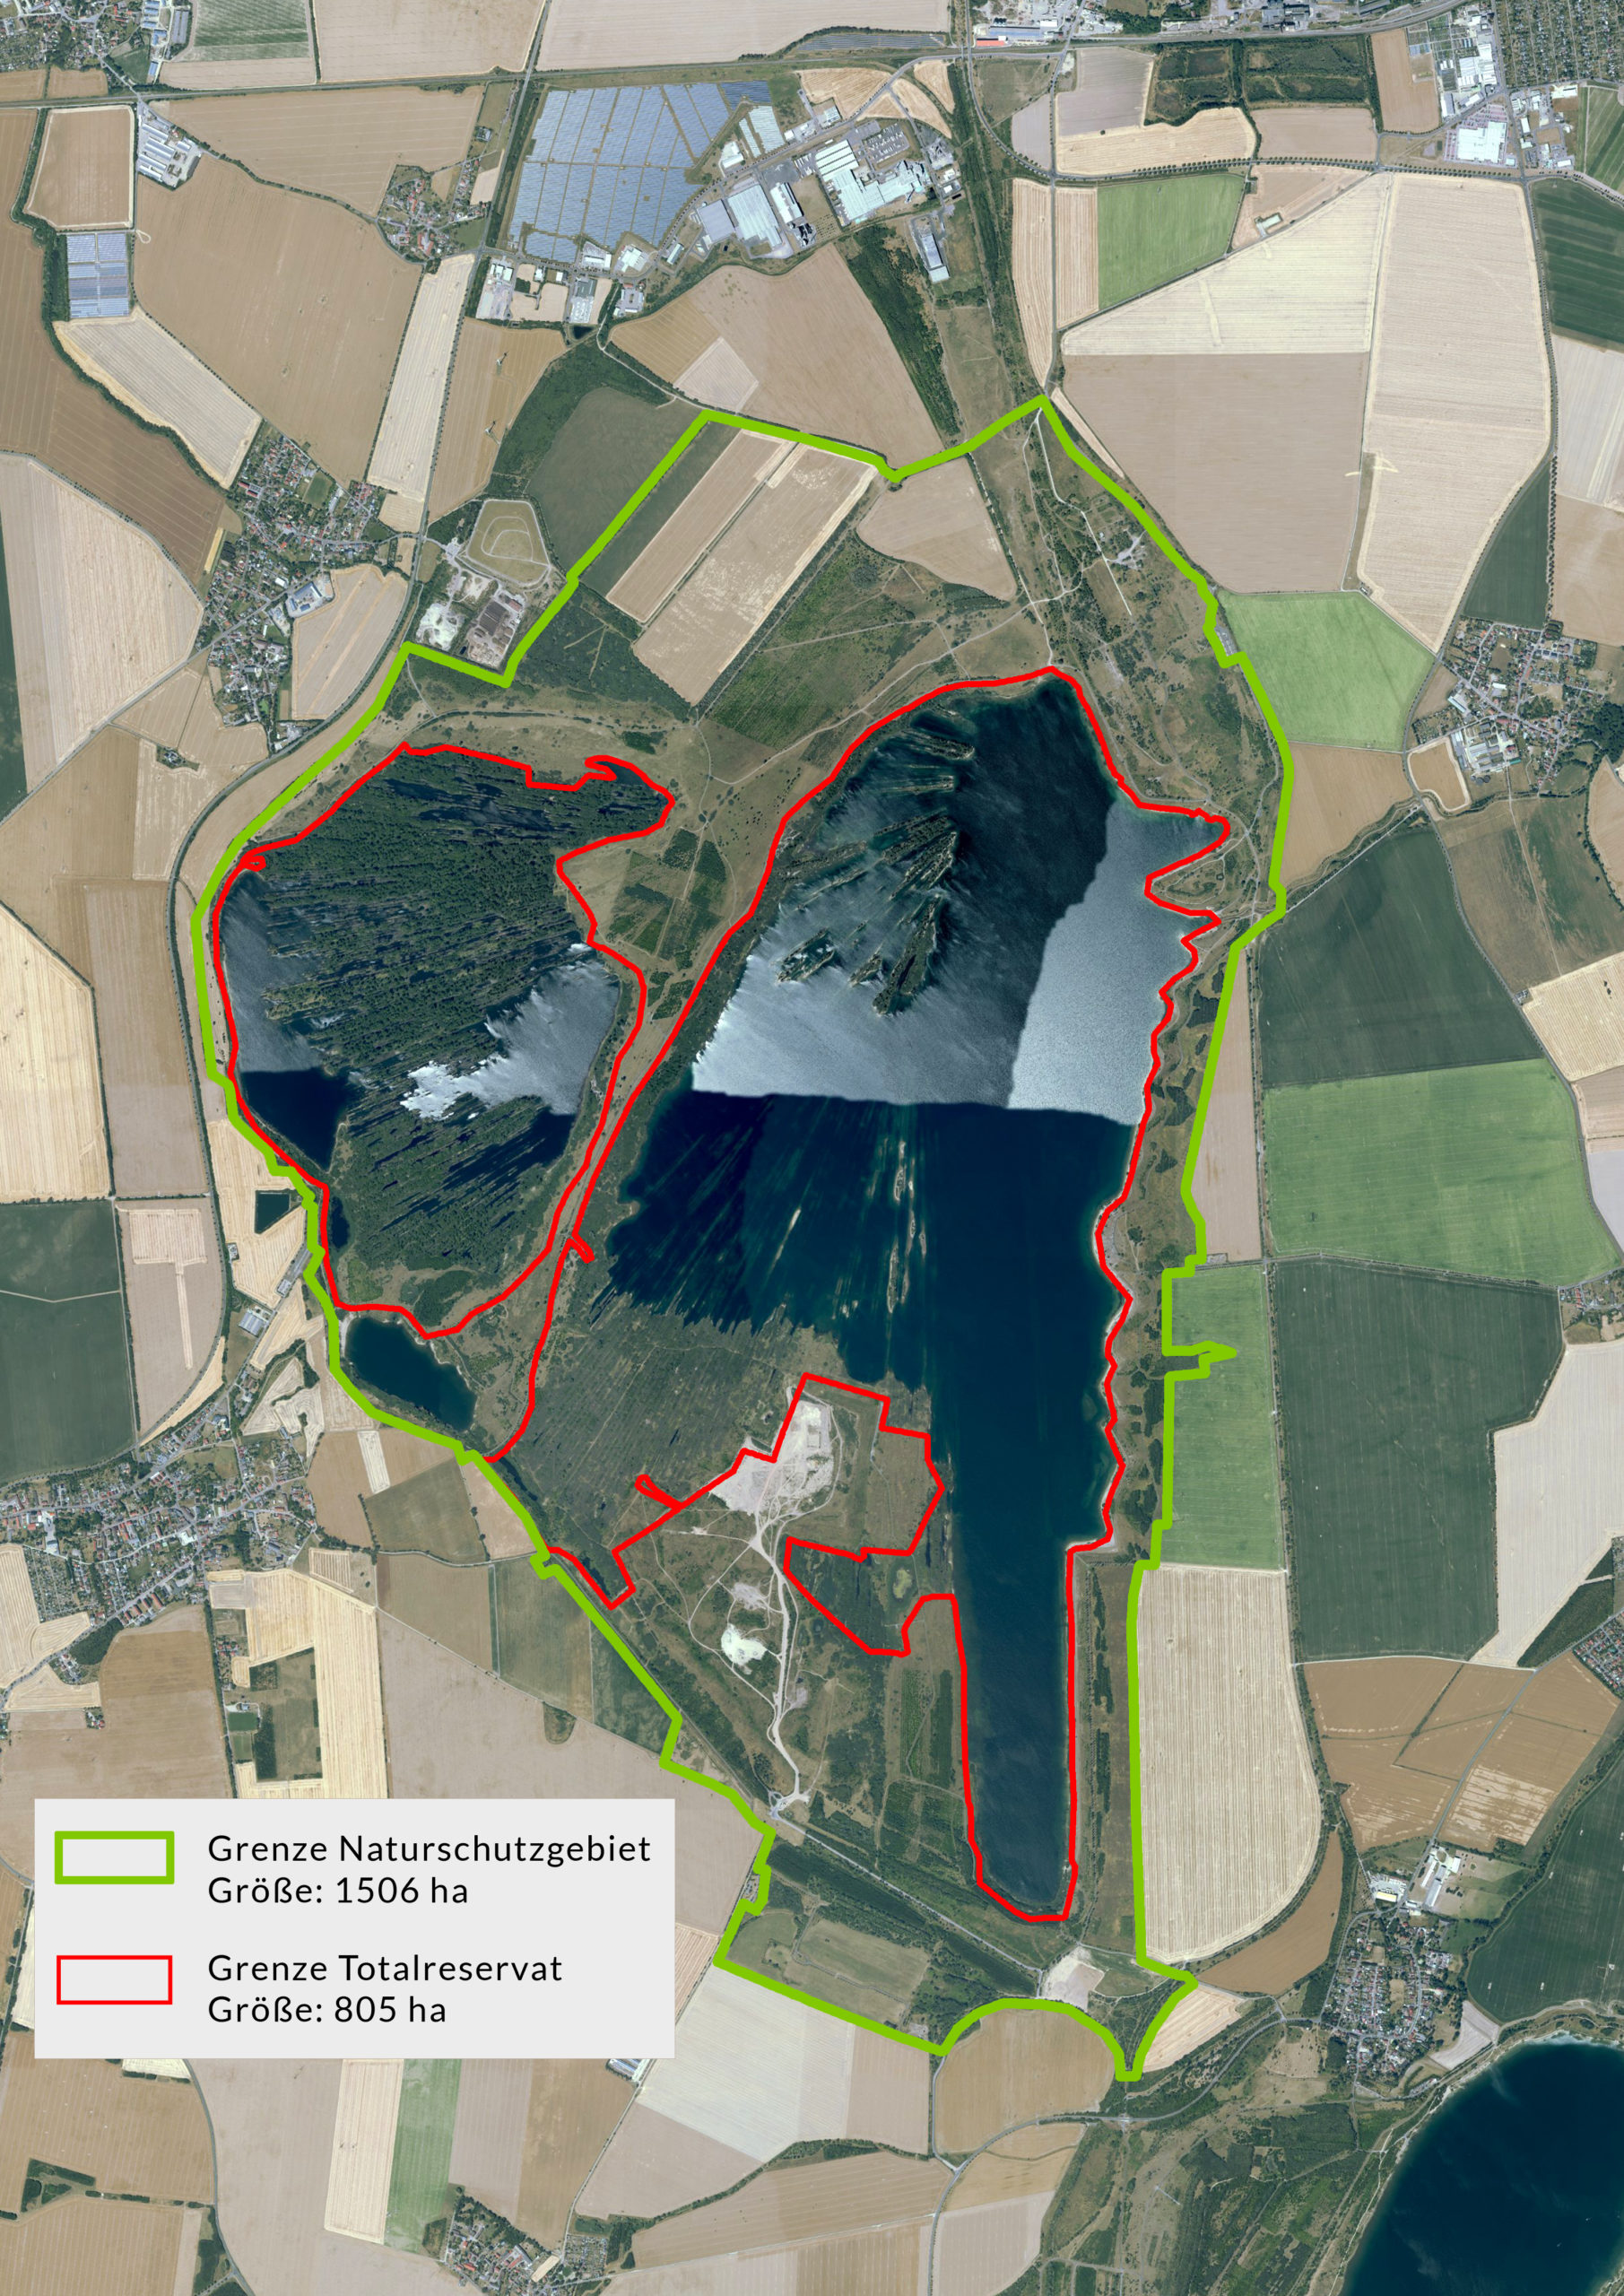 Übersichtskarte Naturschutzgebiet Werbeliner See © Geoportal Nordsachsen